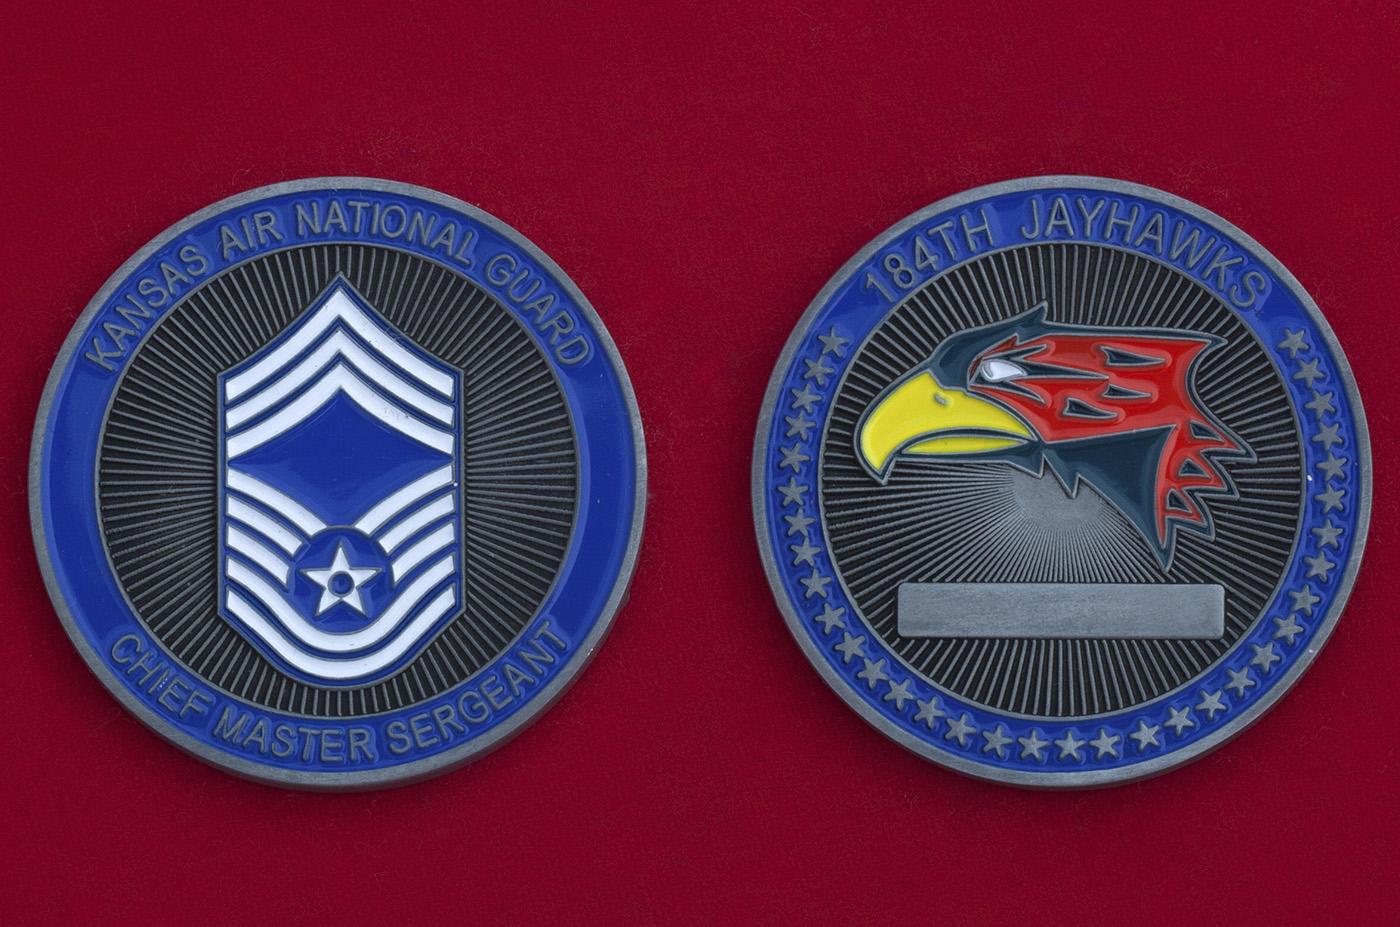 Челлендж коин главного мастер-сержанта 184-го разведывательного крыла ВВС Нацгвардии США